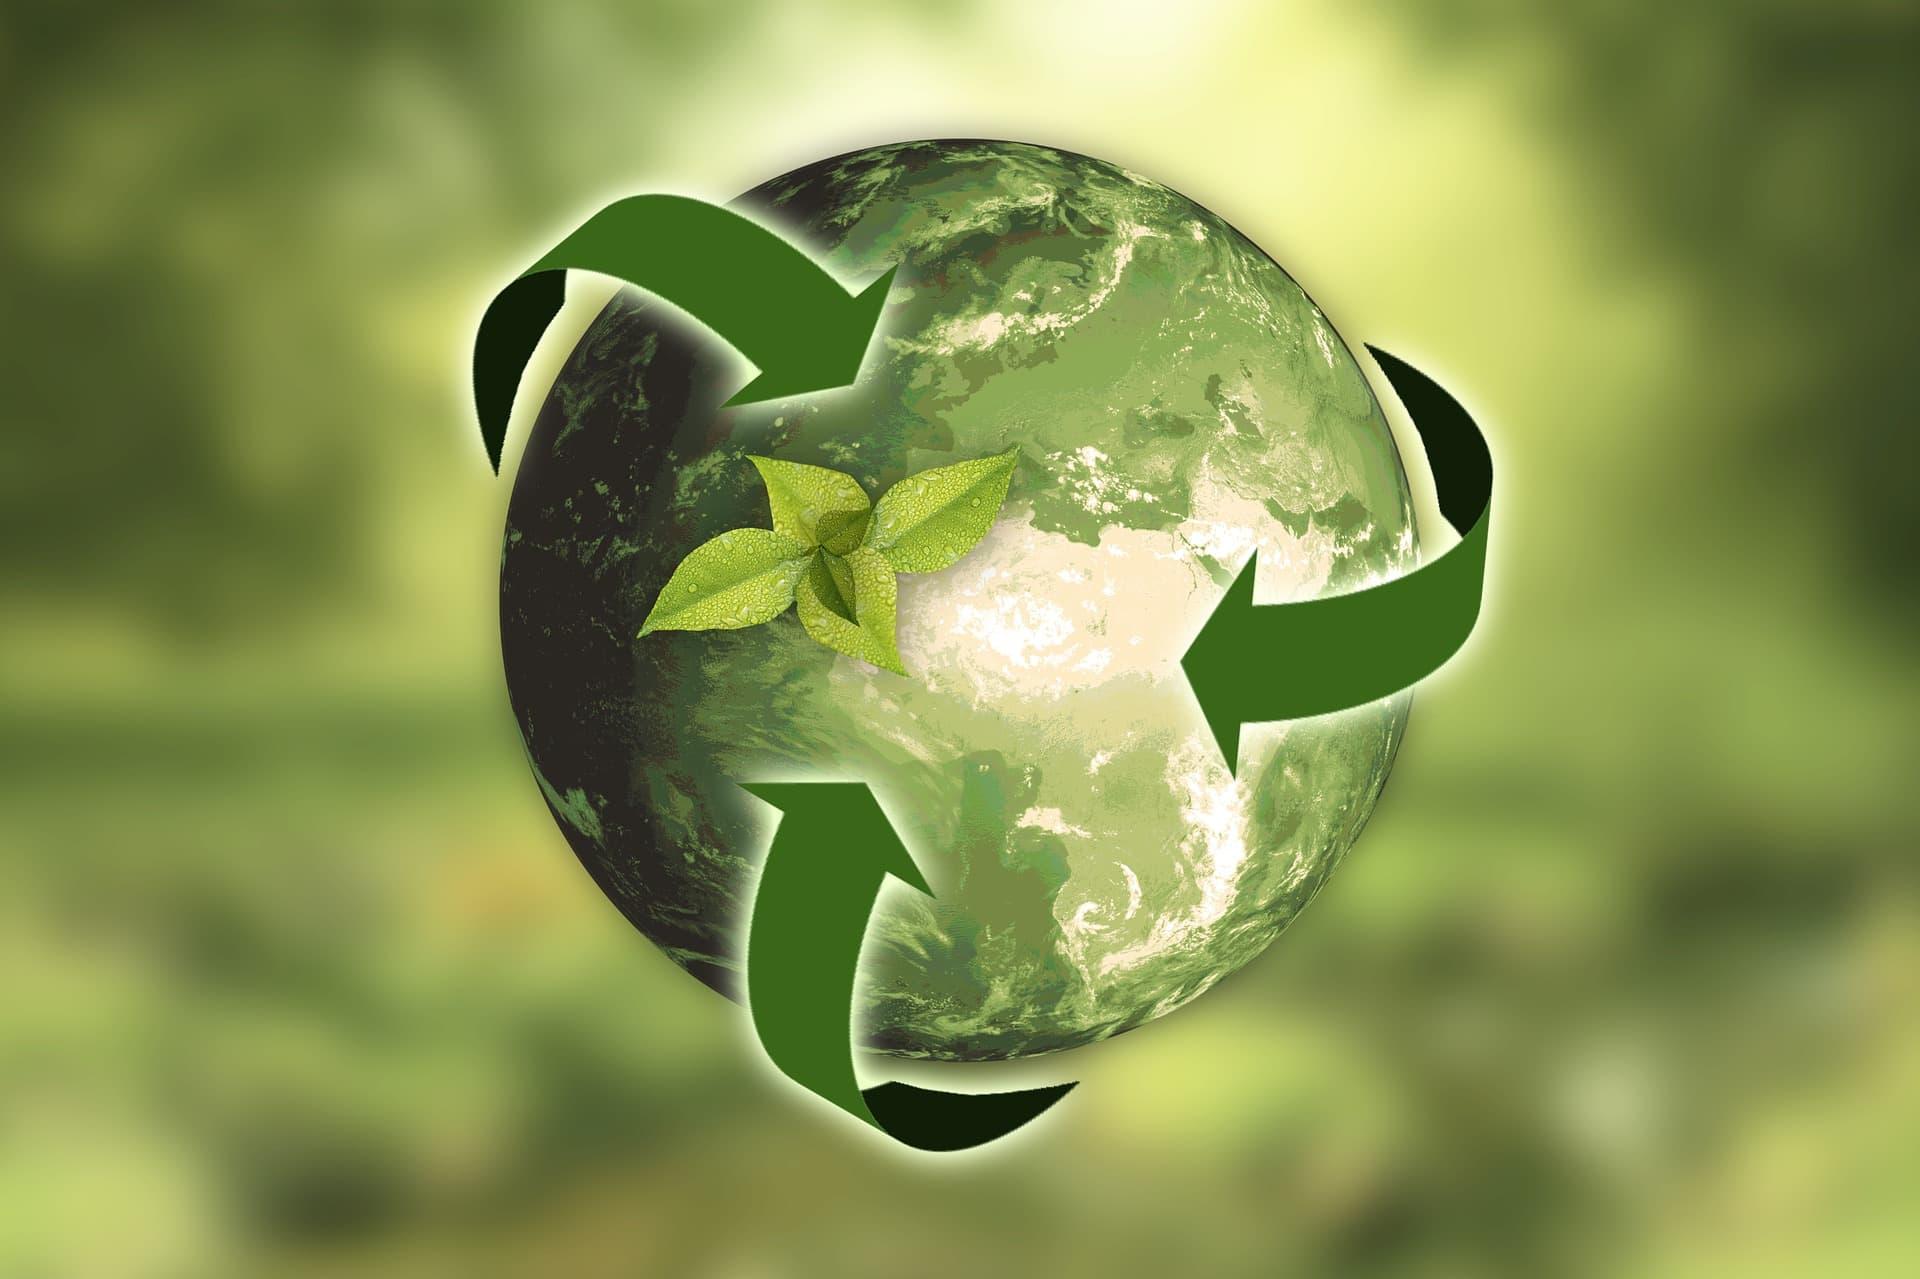 Что такое экология – значение, определение и виды  - «как и почему»